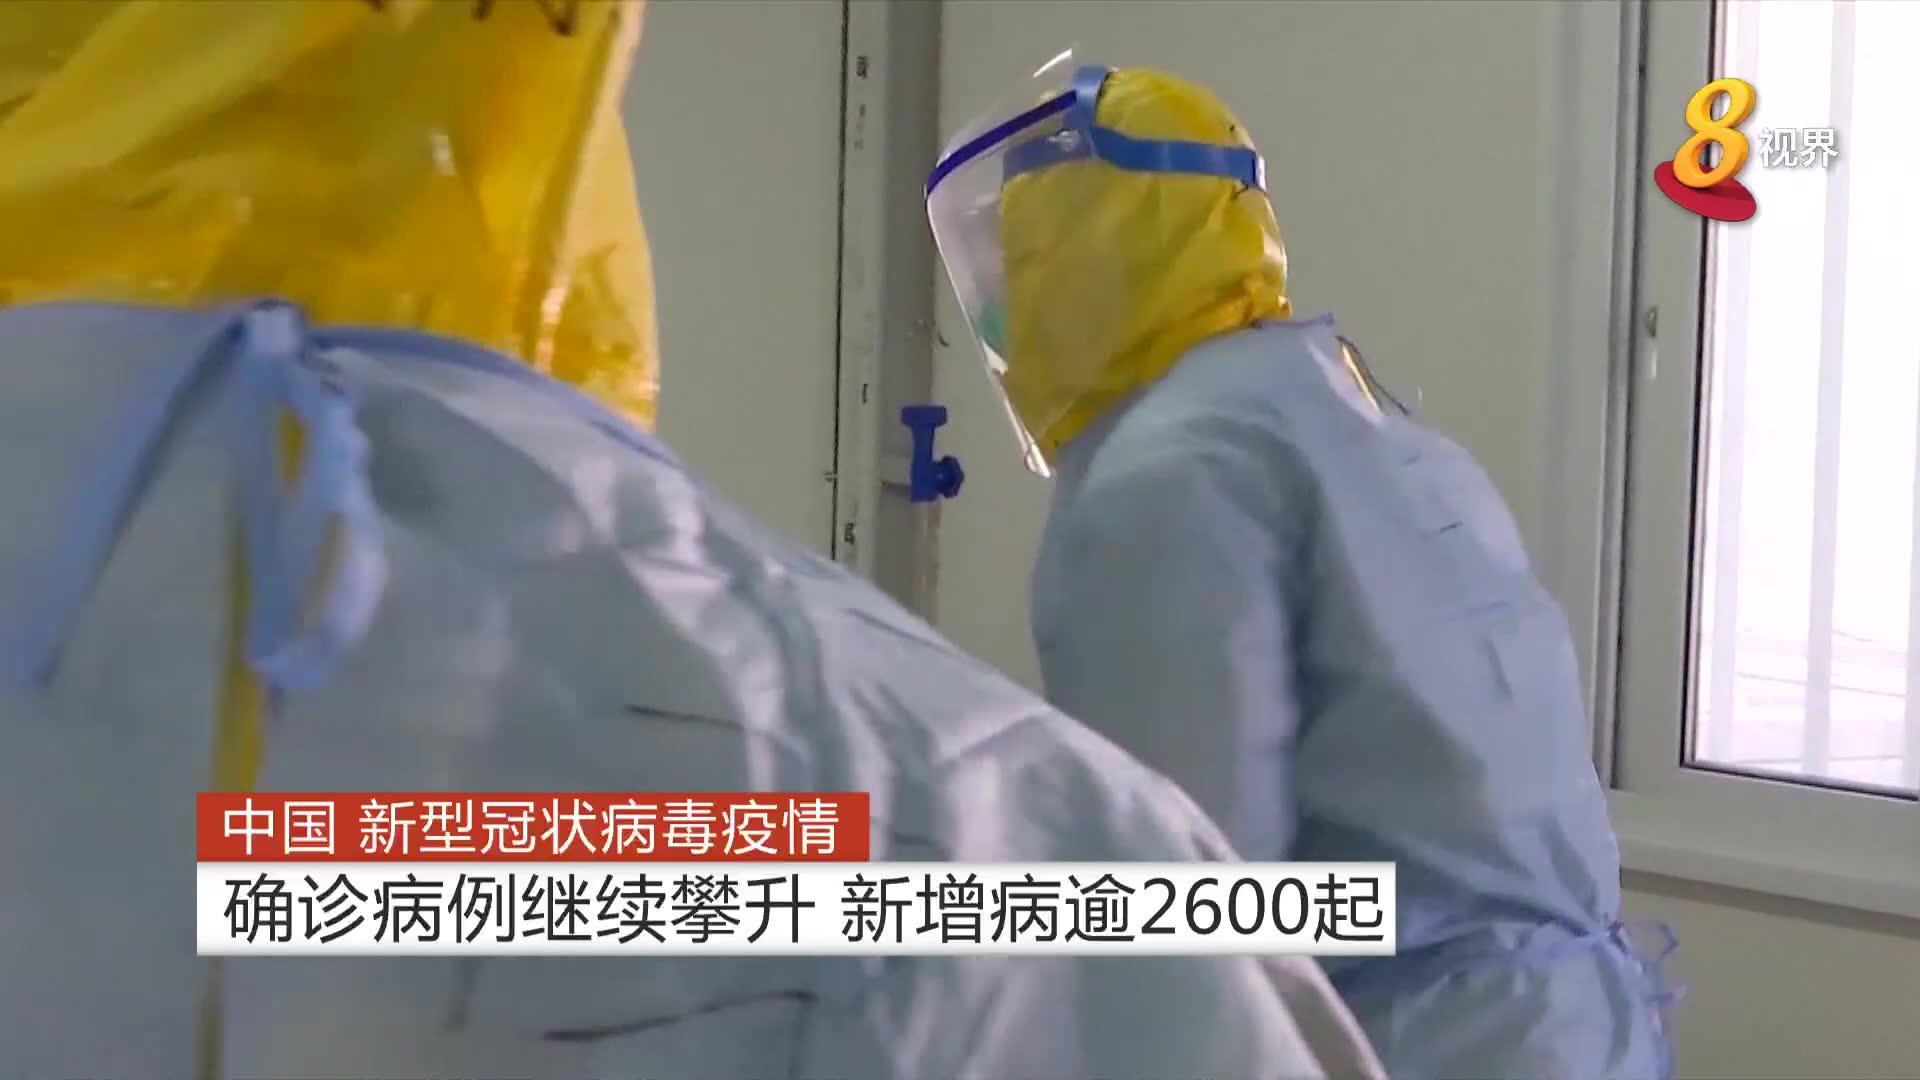 【新冠肺炎】中国确诊病例继续攀升 新增病逾2600起